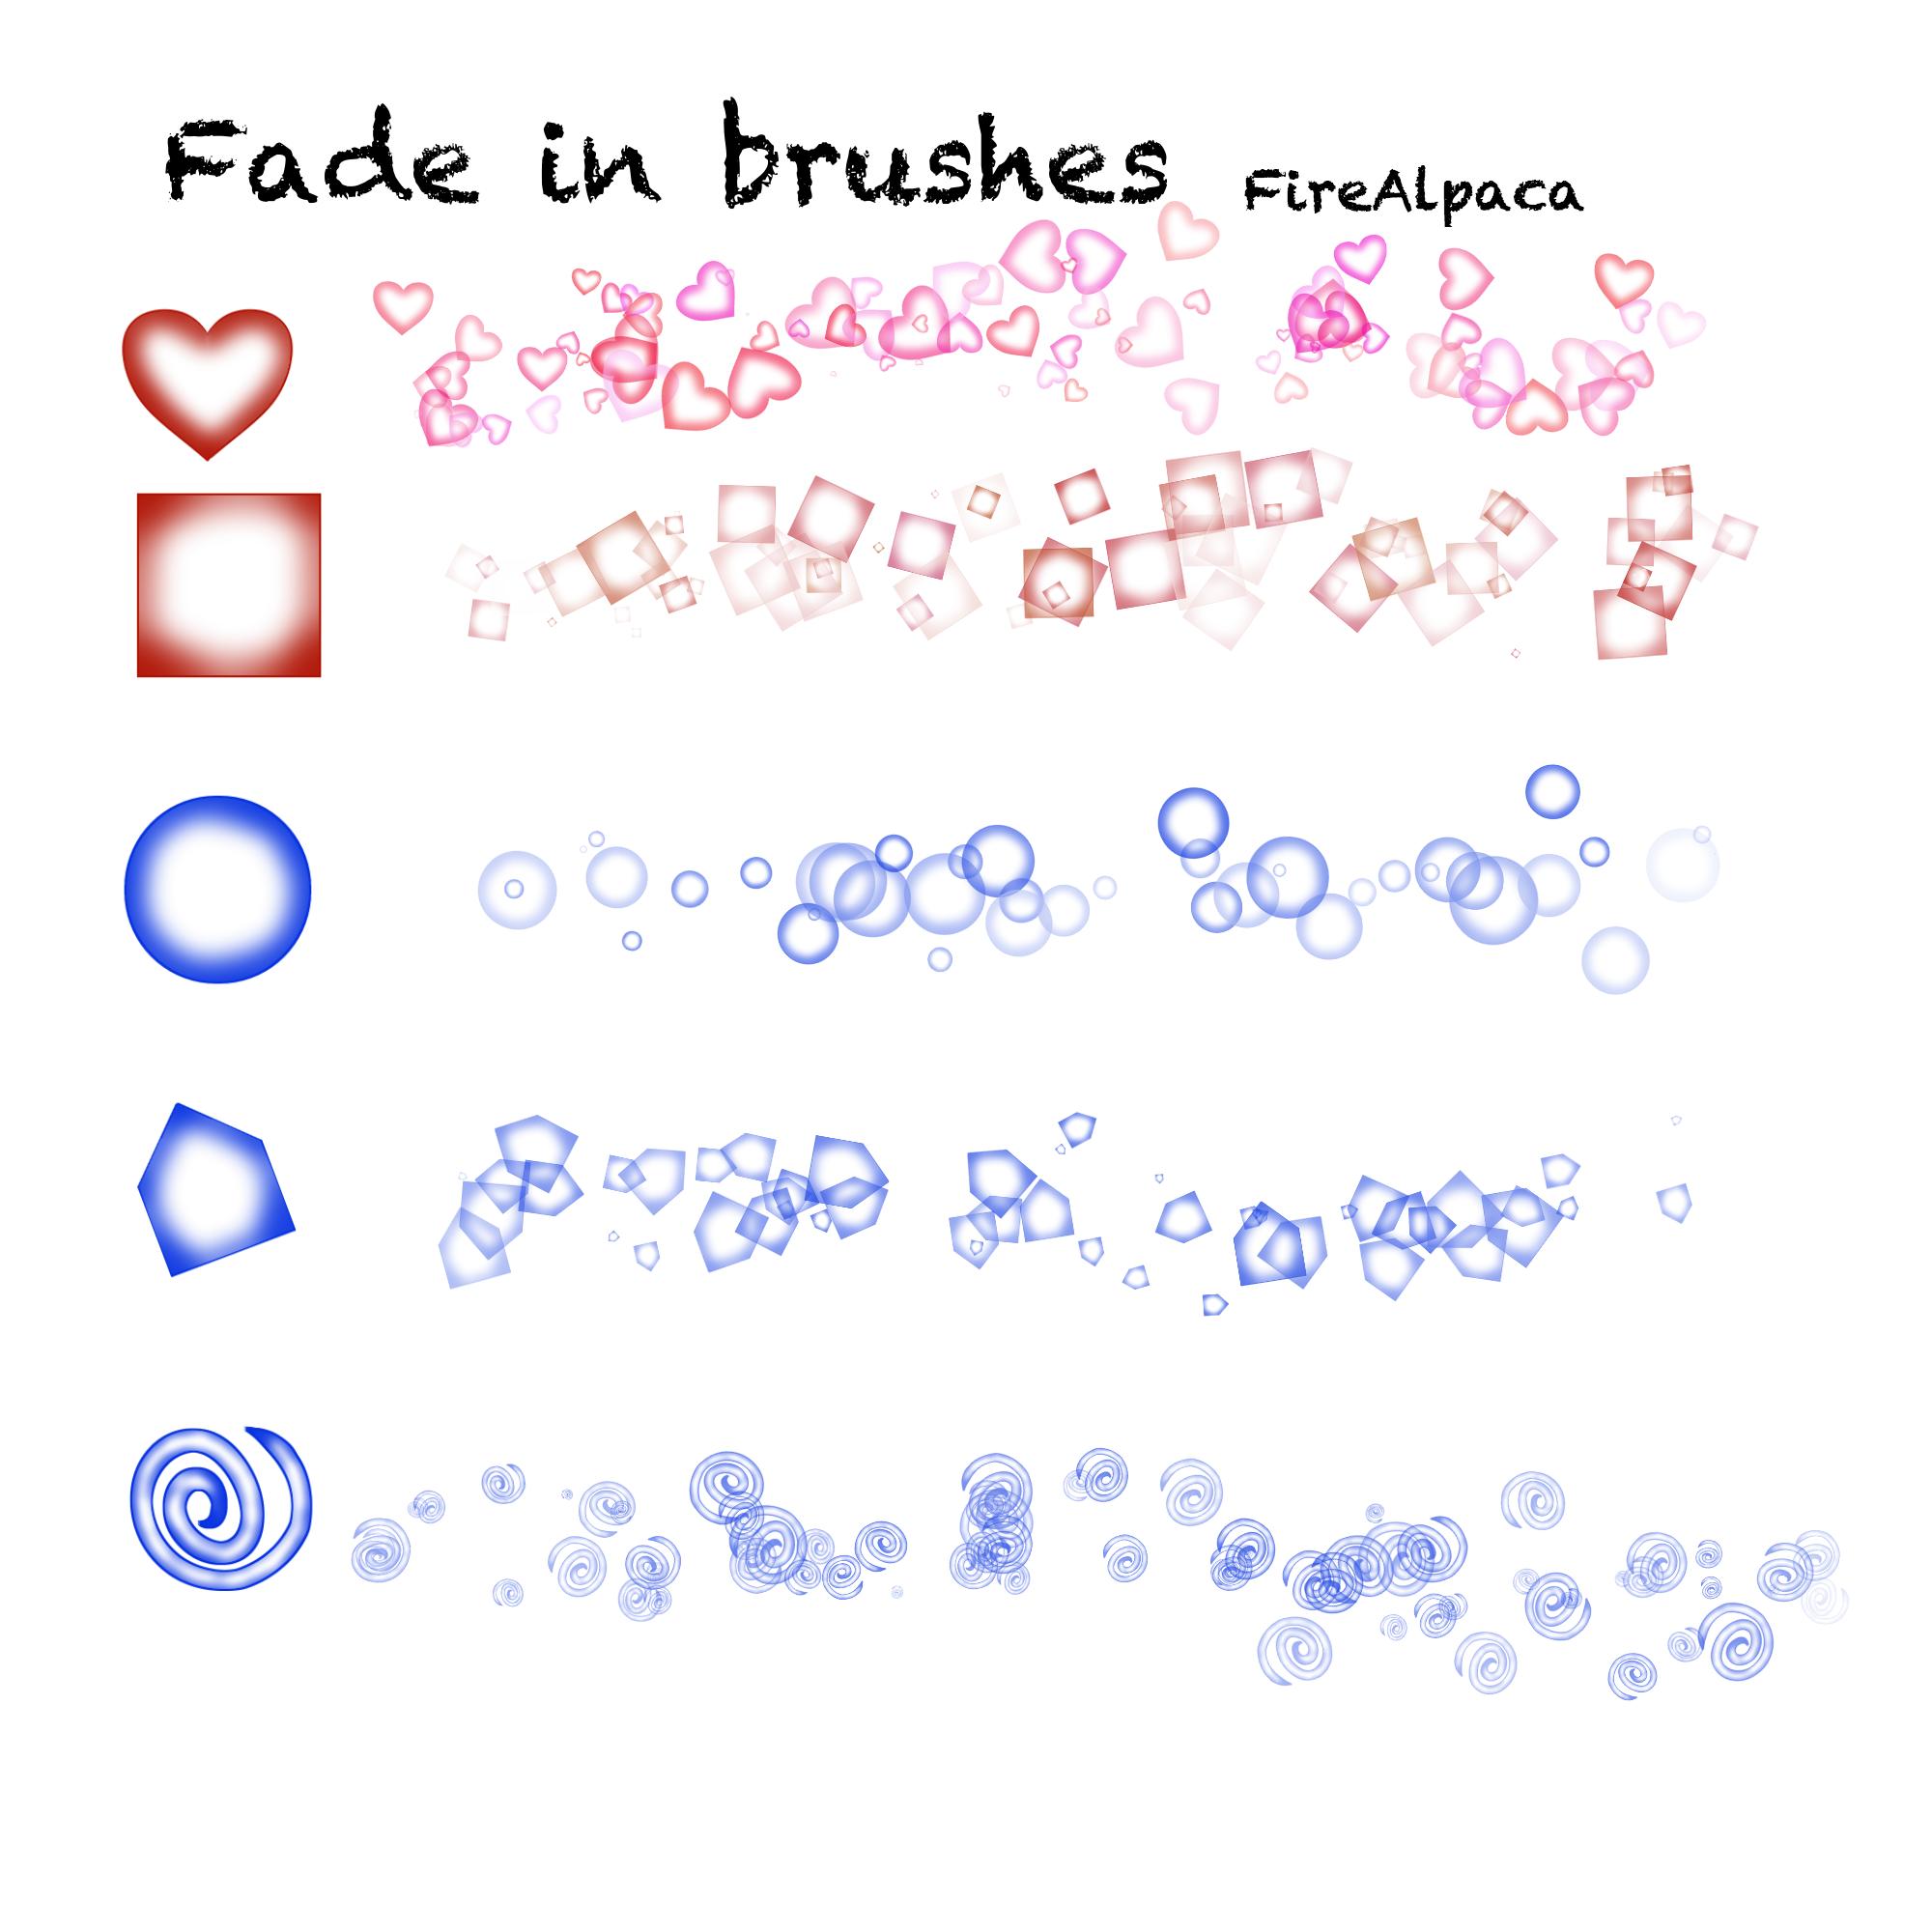 渐变效果的爱心、正方形、圆形、螺旋图案PS笔刷下载(PNG透明图片格式)